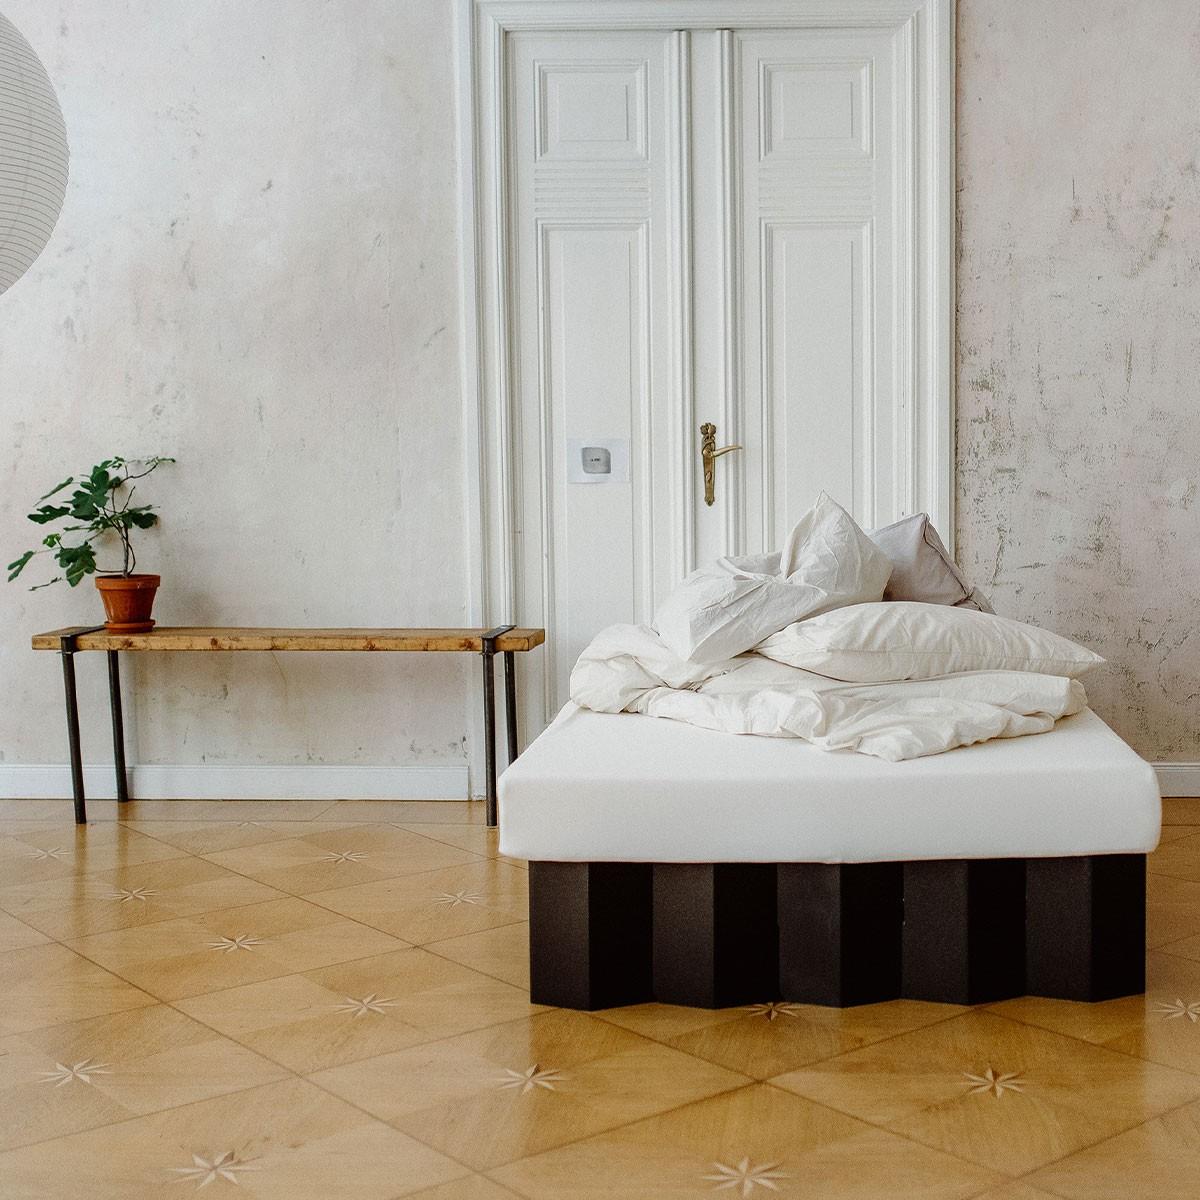 Nachhaltiges Bett 2.0 (schwarz)   ROOM IN A BOX